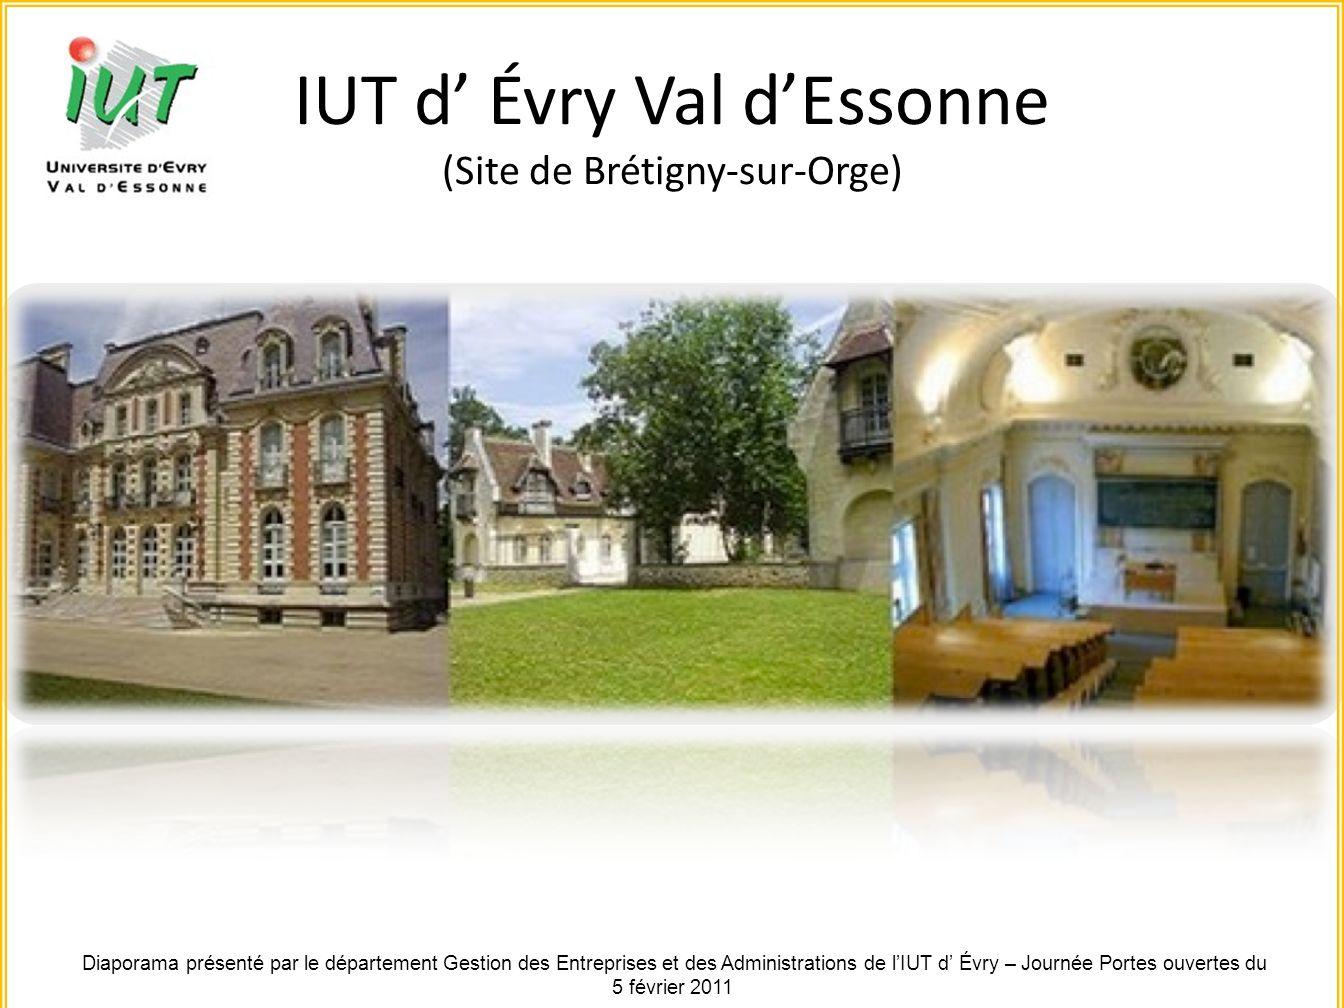 IUT d' Évry Val d'Essonne (Site de Brétigny-sur-Orge)